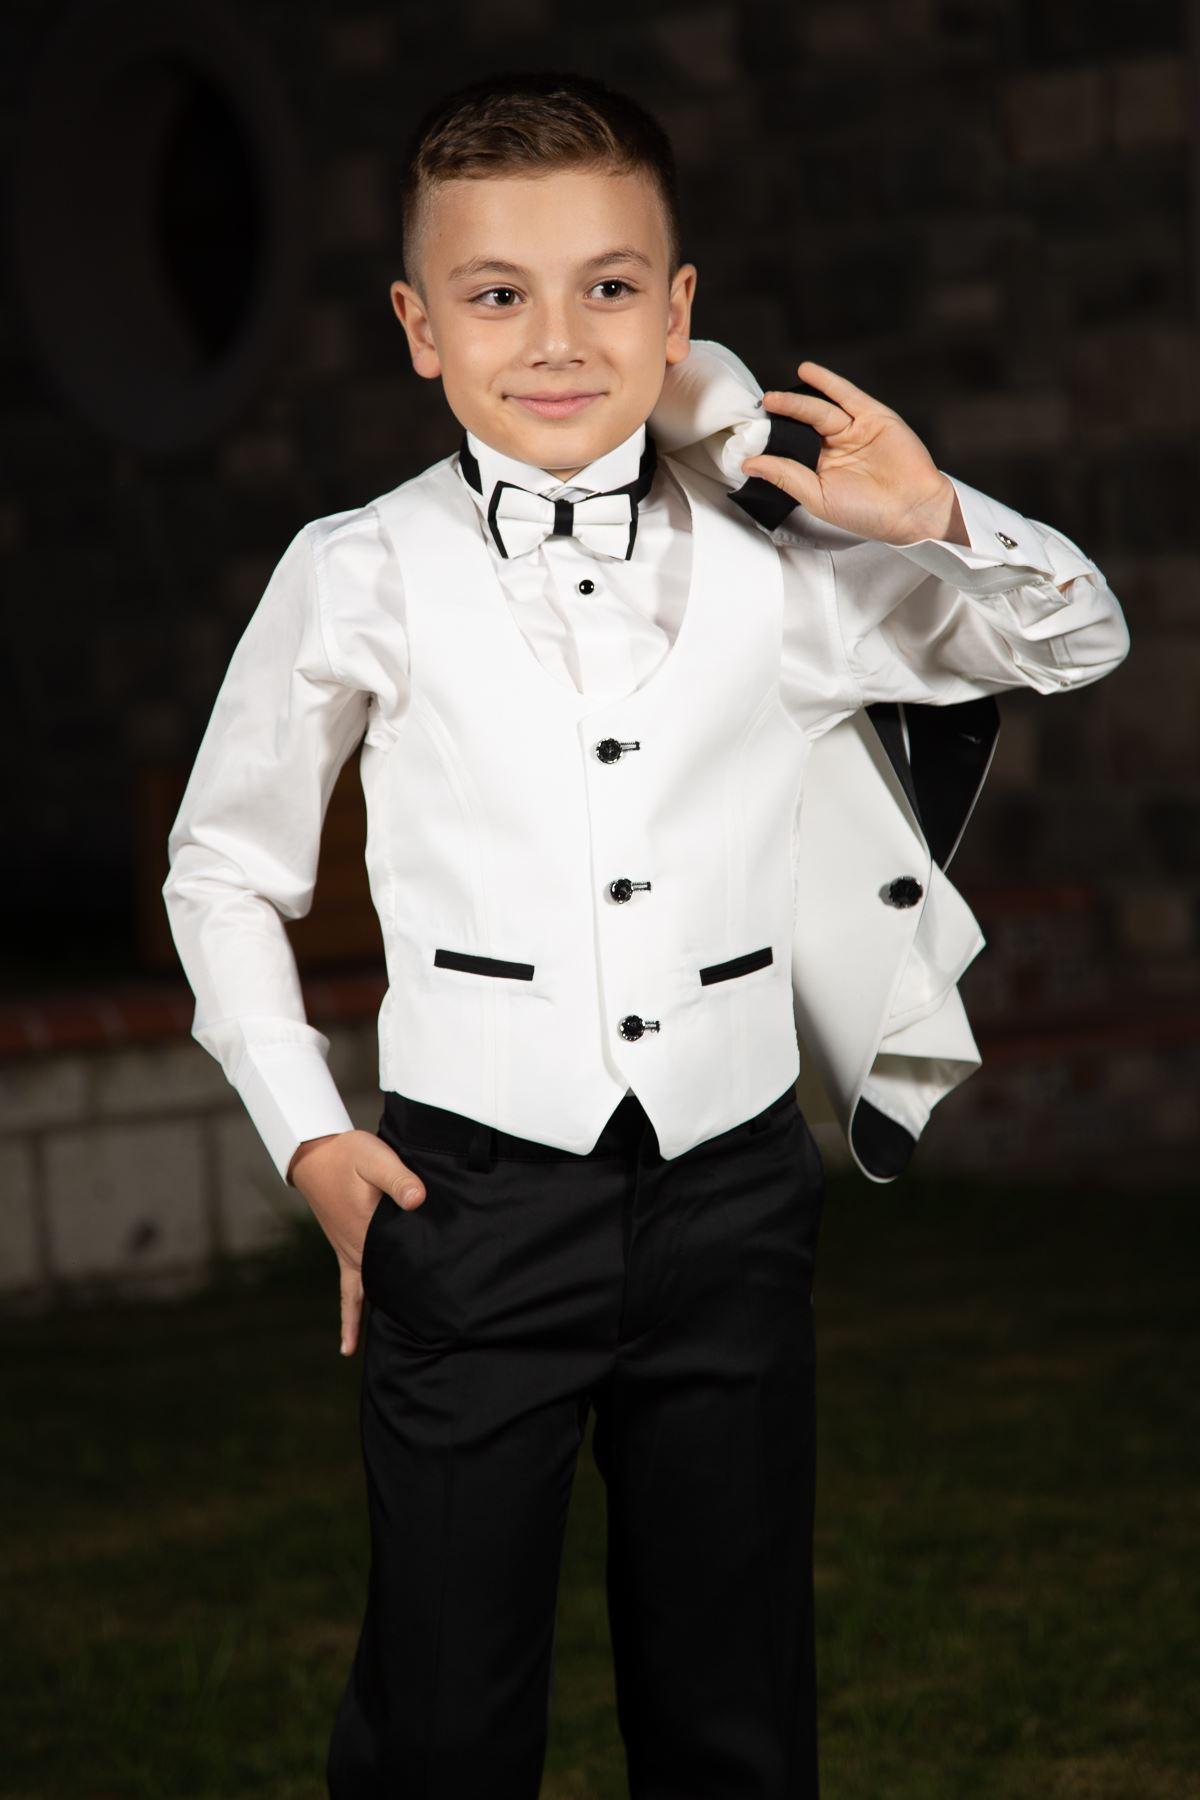 ياقة شال ، زر واحد ، مجموعة كاملة من 4 قطع بدلة صبي خاصة 86 عاجي